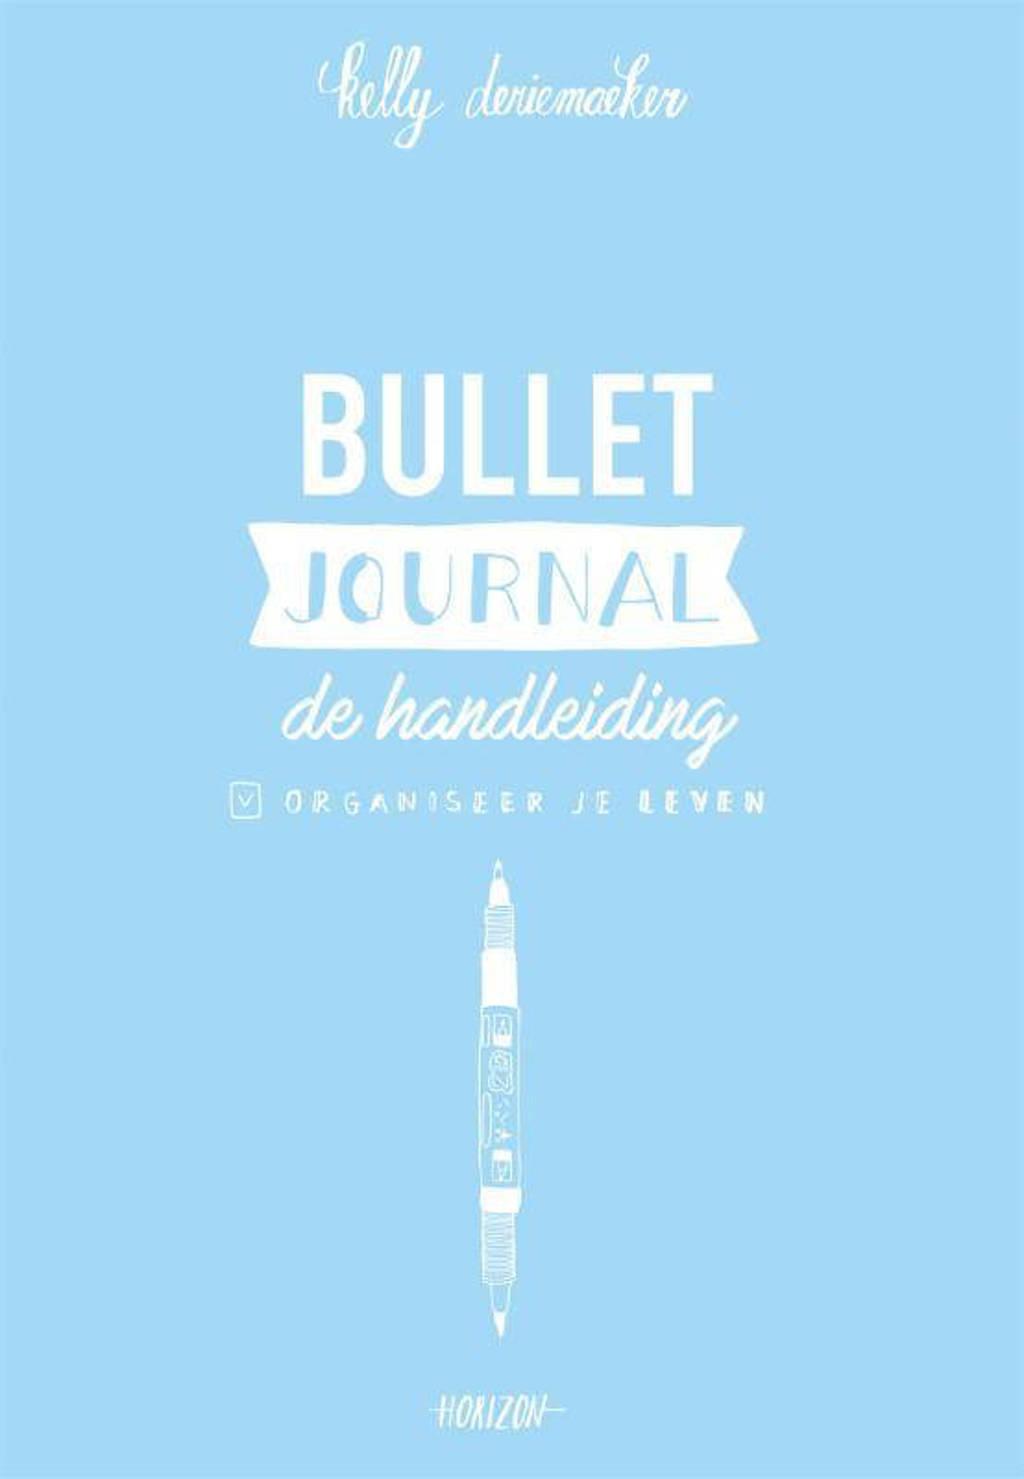 Bullet journal - De handleiding - Kelly Deriemaeker